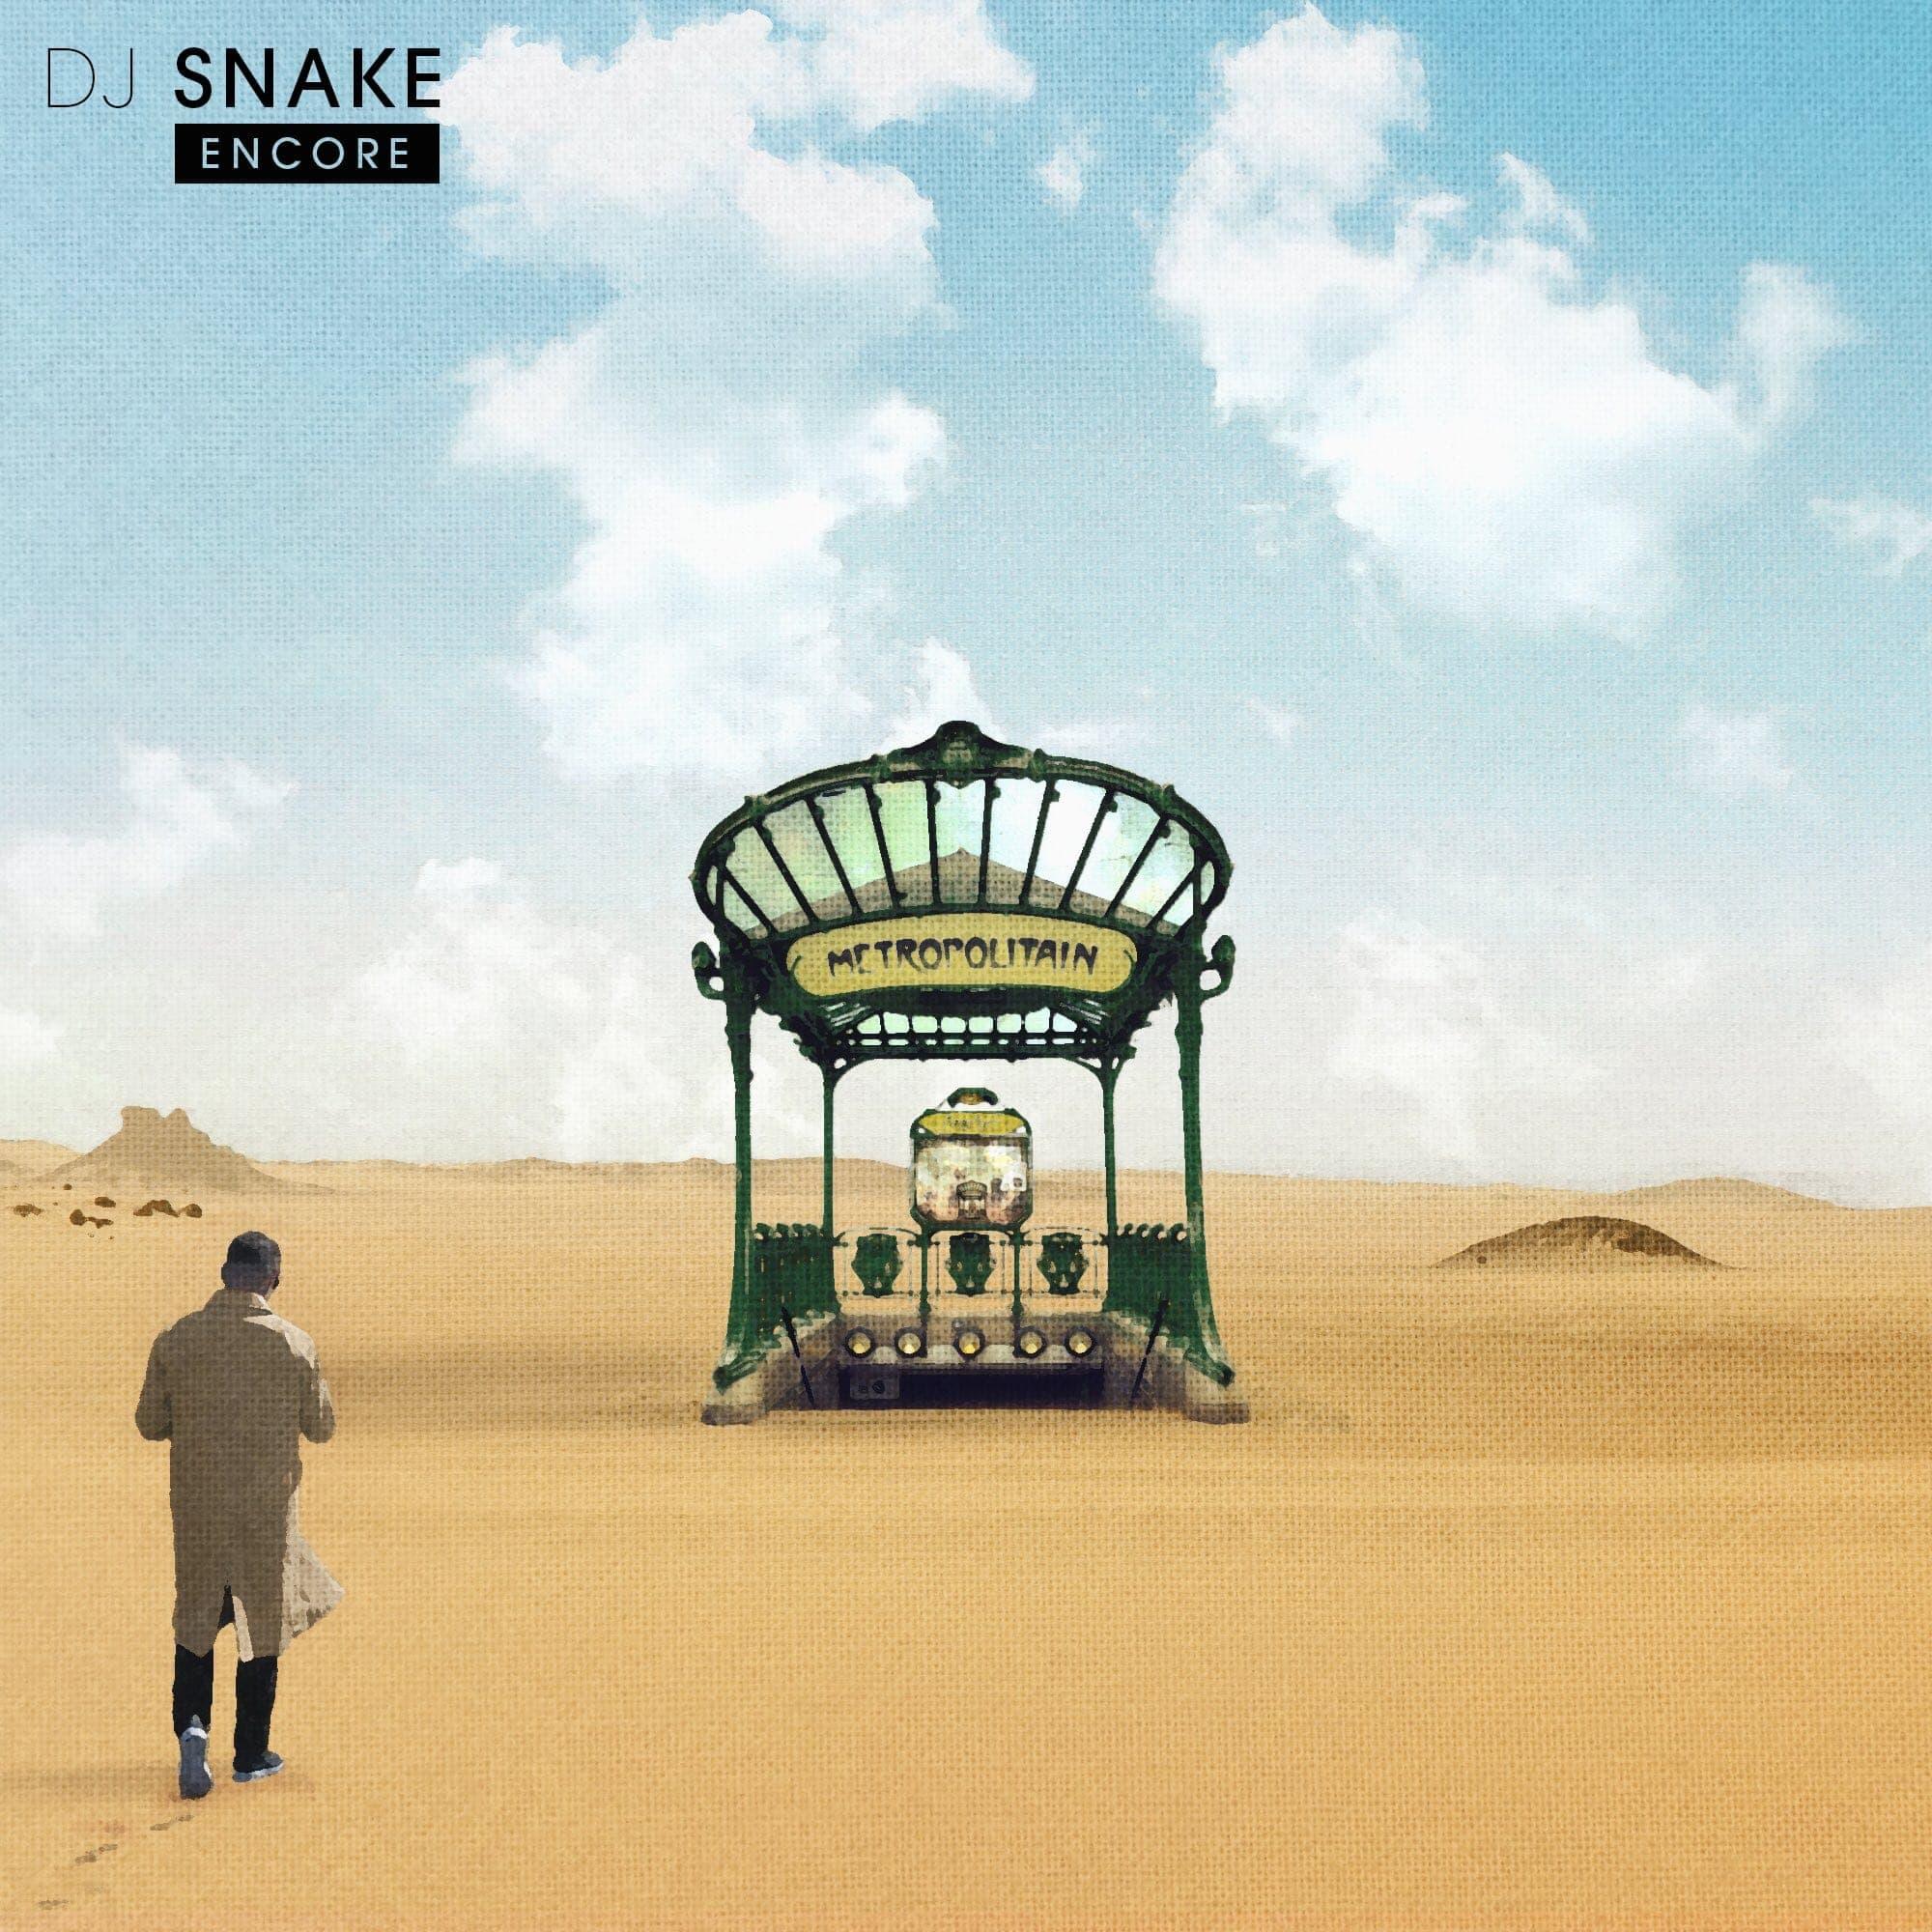 Let Me Love You - DJ Snake & Justin Bieber